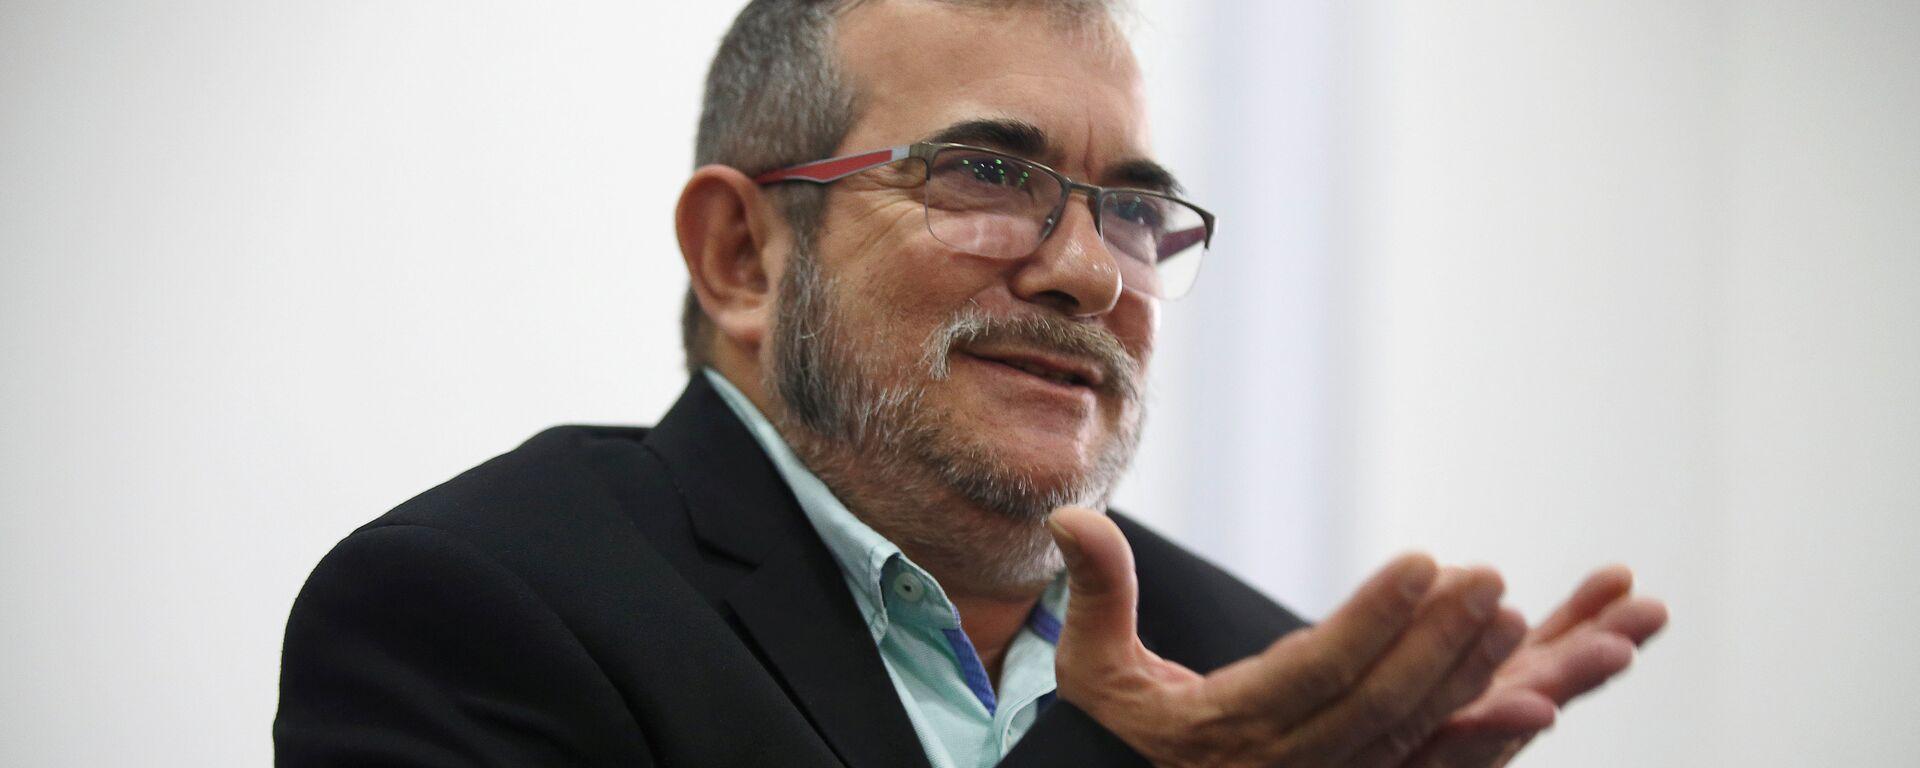 El máximo líder de las FARC, Rodrigo Londoño, alias Timochenko - Sputnik Mundo, 1920, 05.08.2021